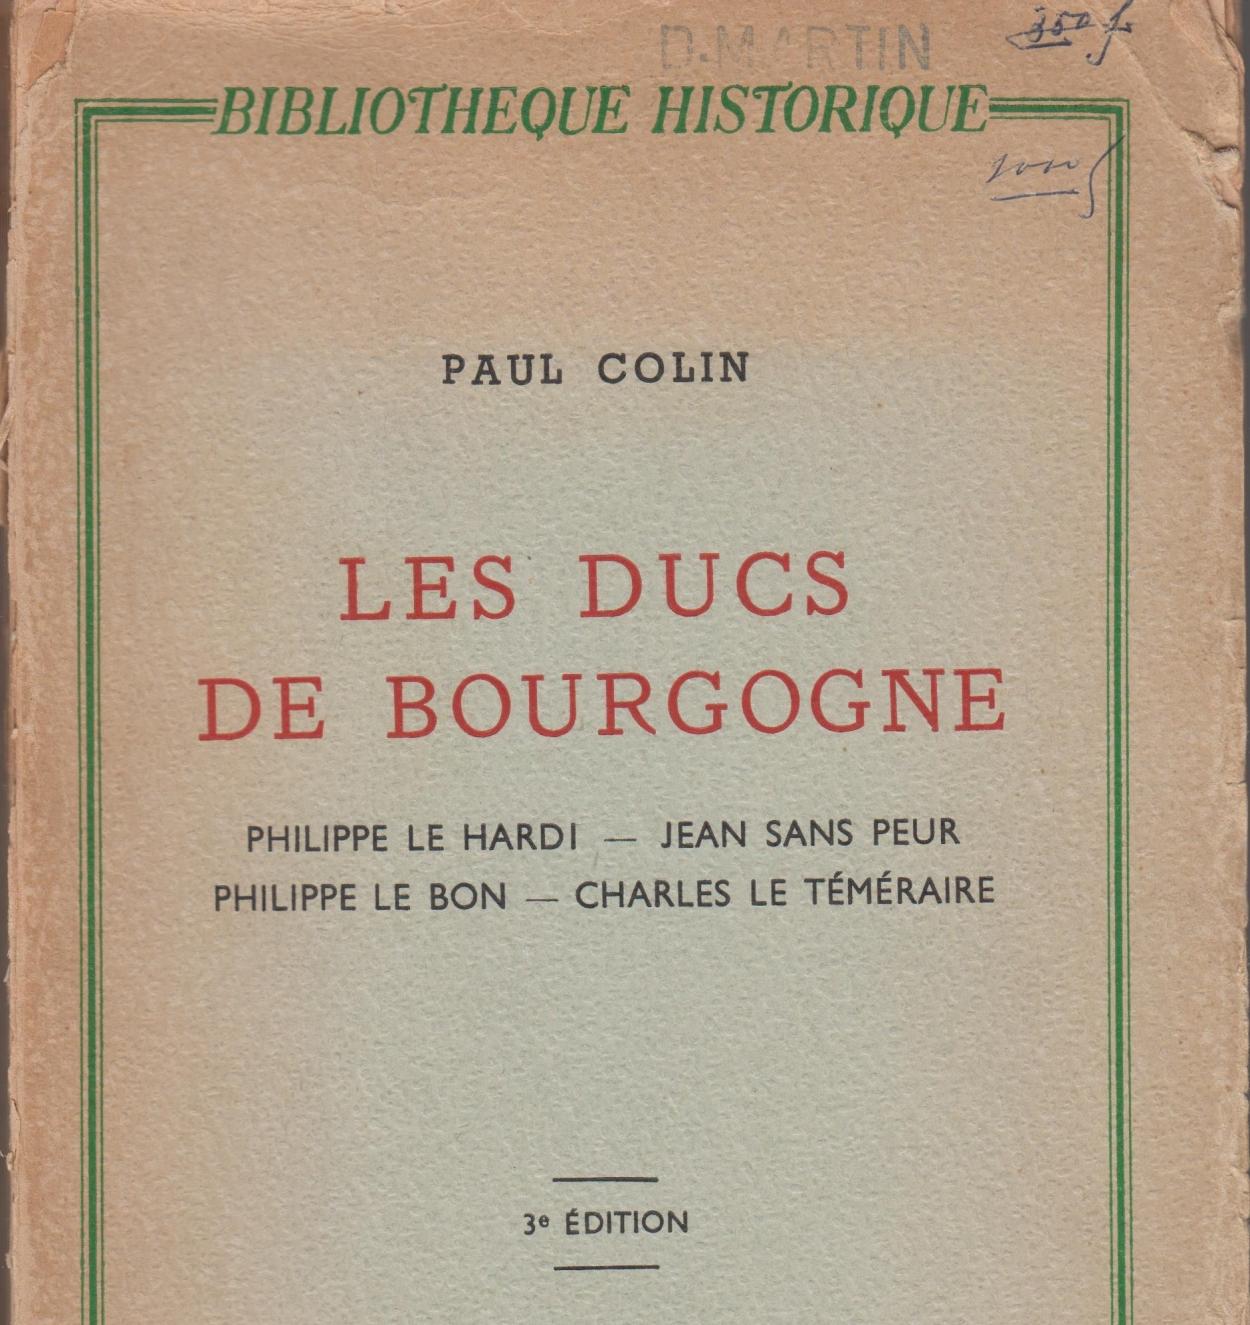 bab3038_les-ducs-de-bourgogne_p-colin_voorblad